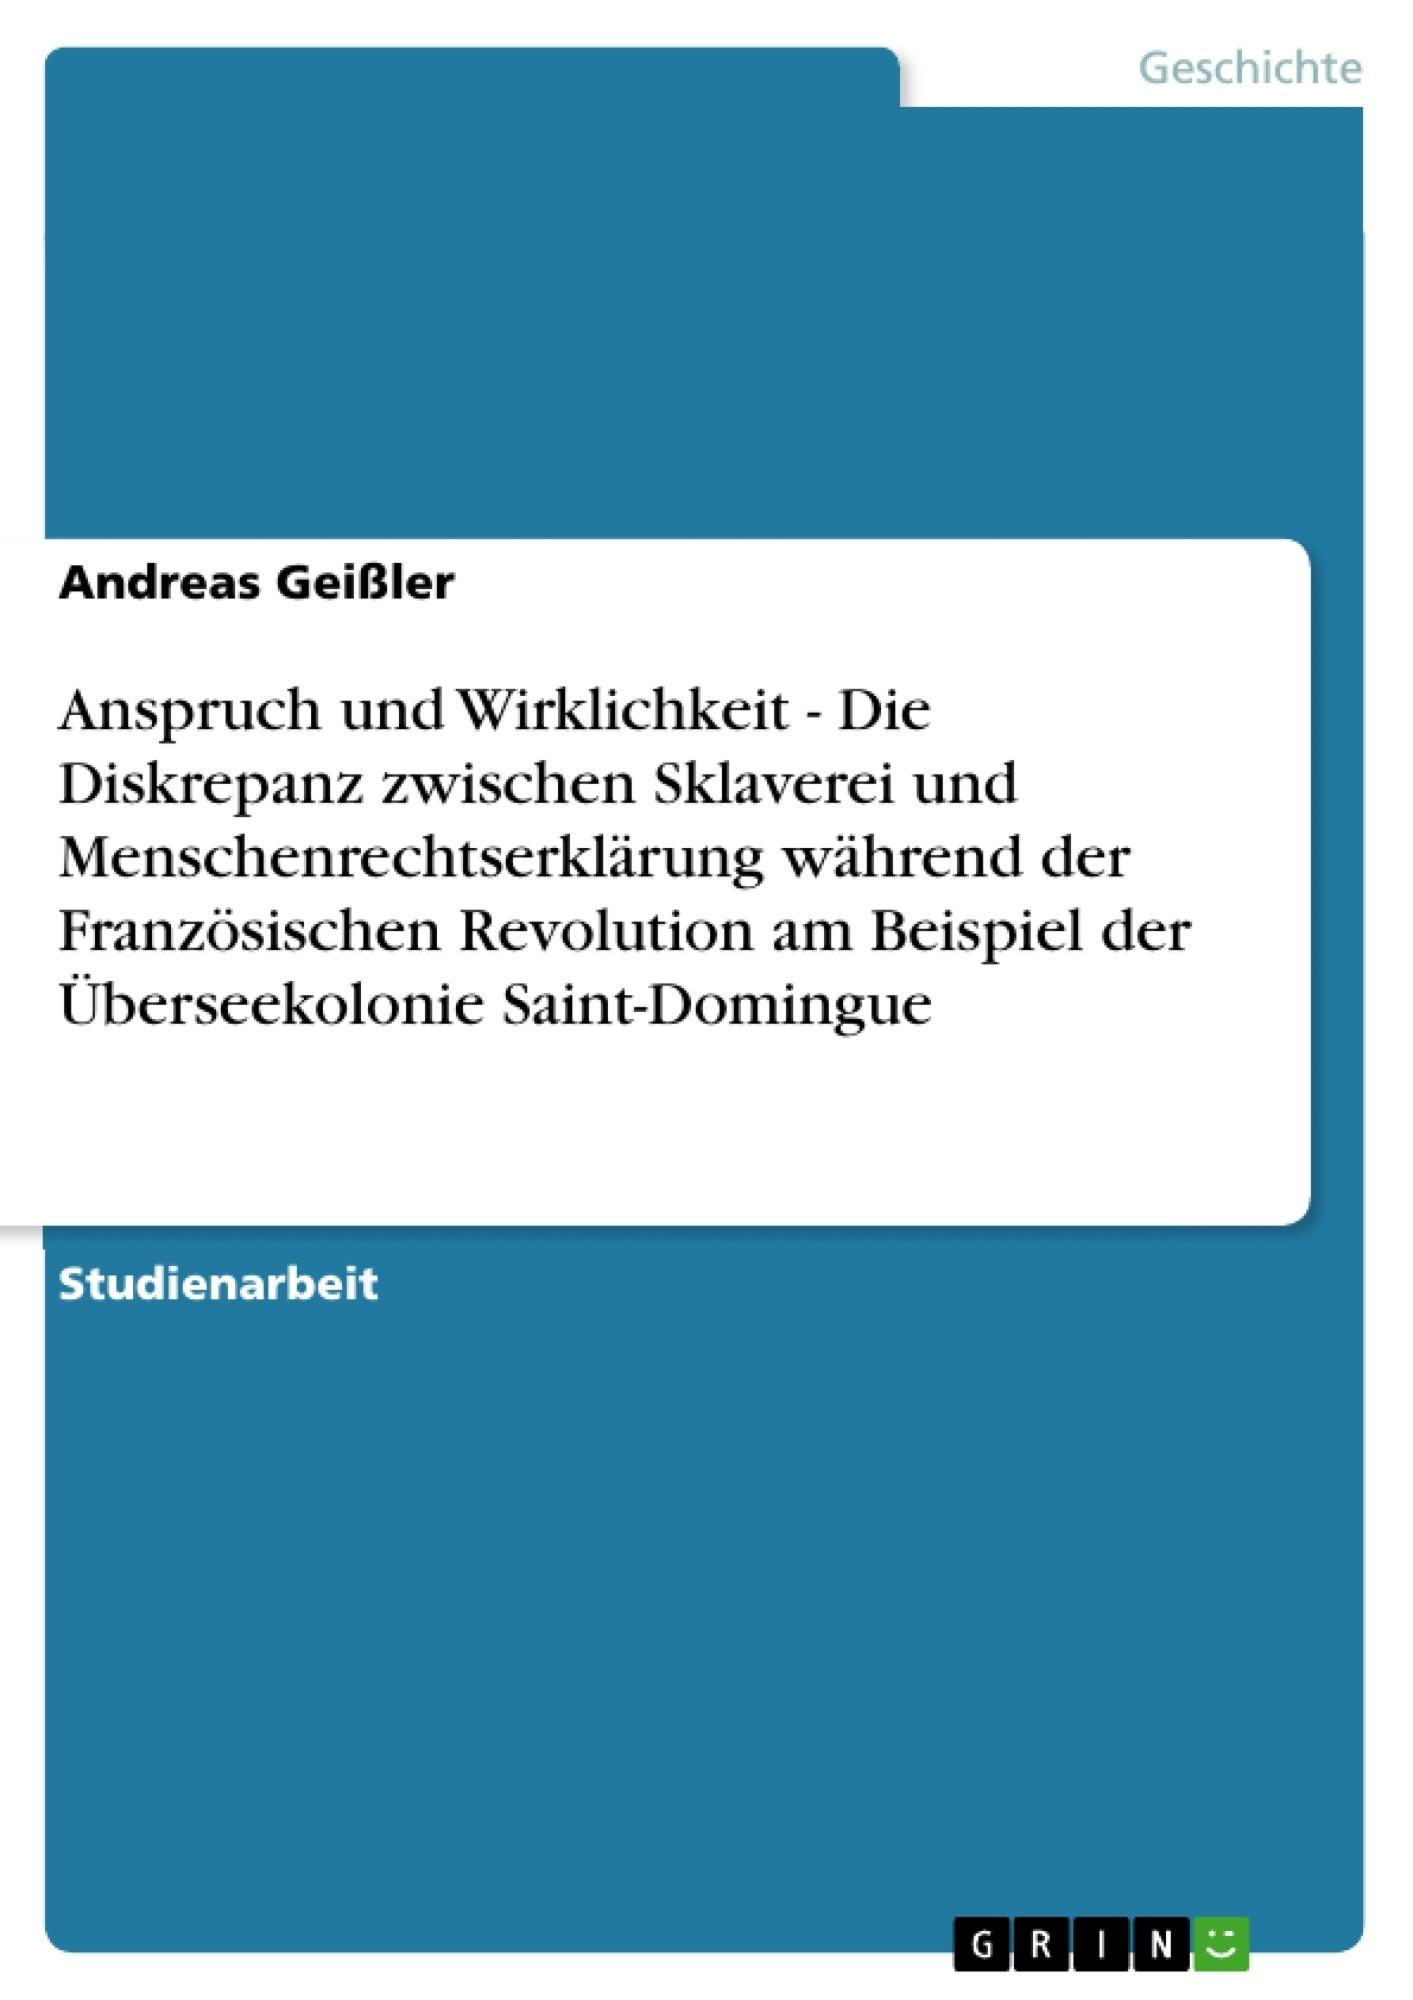 Titel: Anspruch und Wirklichkeit - Die Diskrepanz zwischen Sklaverei und Menschenrechtserklärung während der Französischen Revolution am Beispiel der Überseekolonie Saint-Domingue